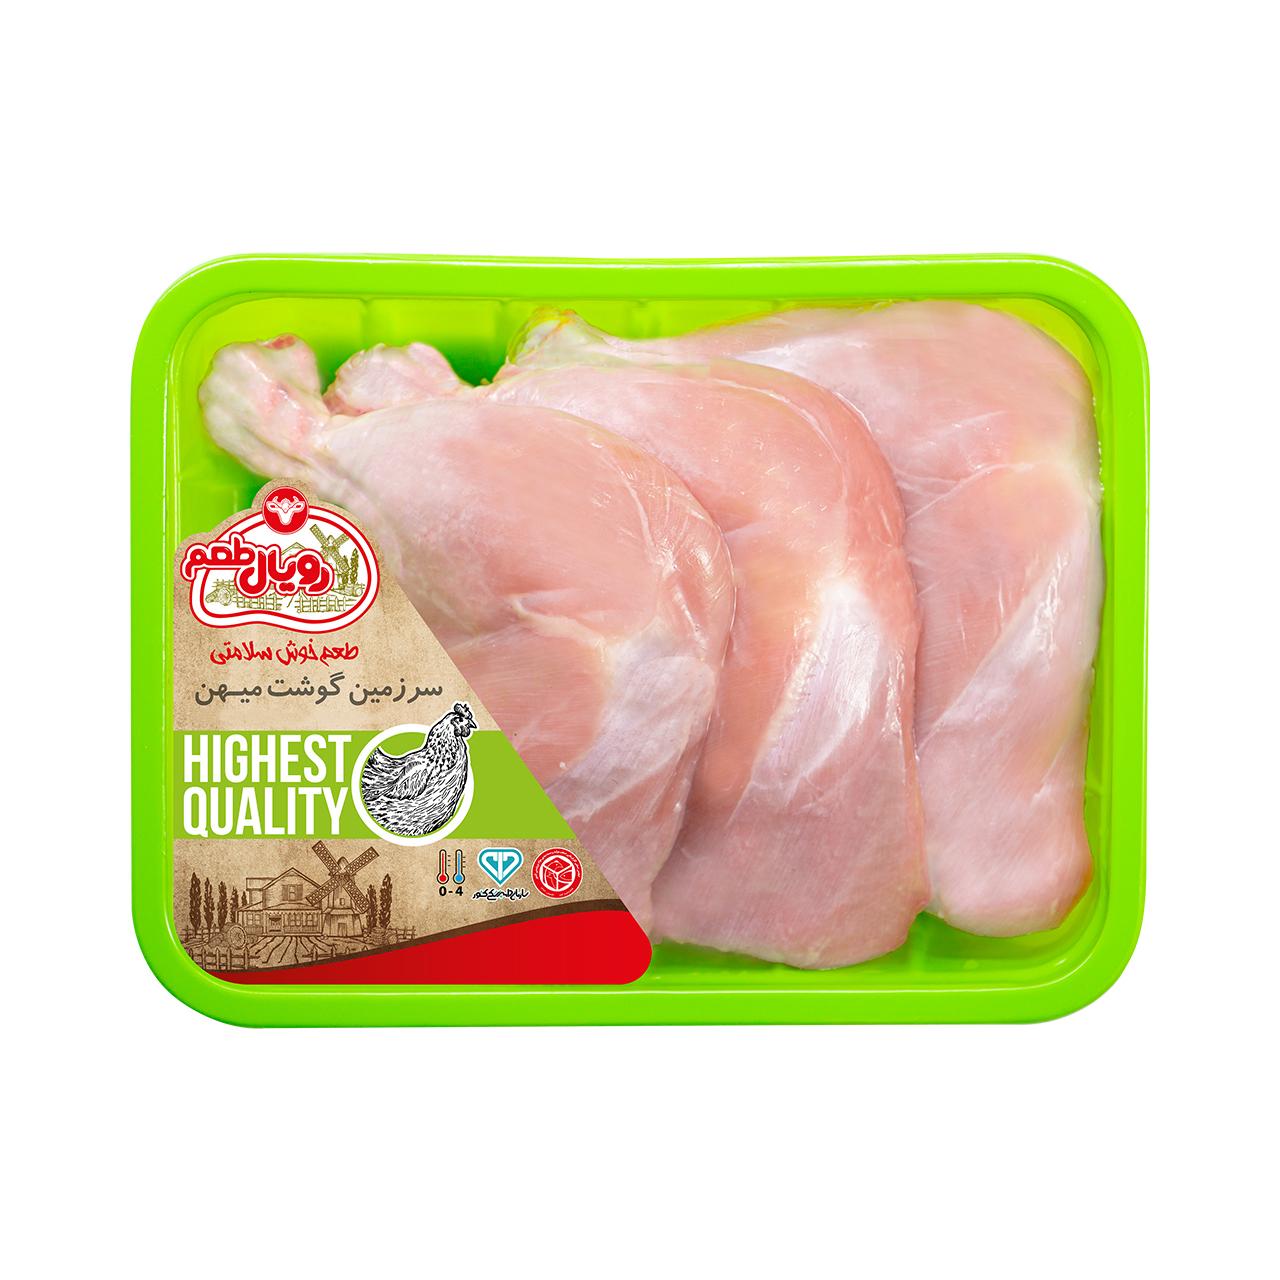 ران مرغ بدون پوست رويال طعم - 900 گرم  thumb